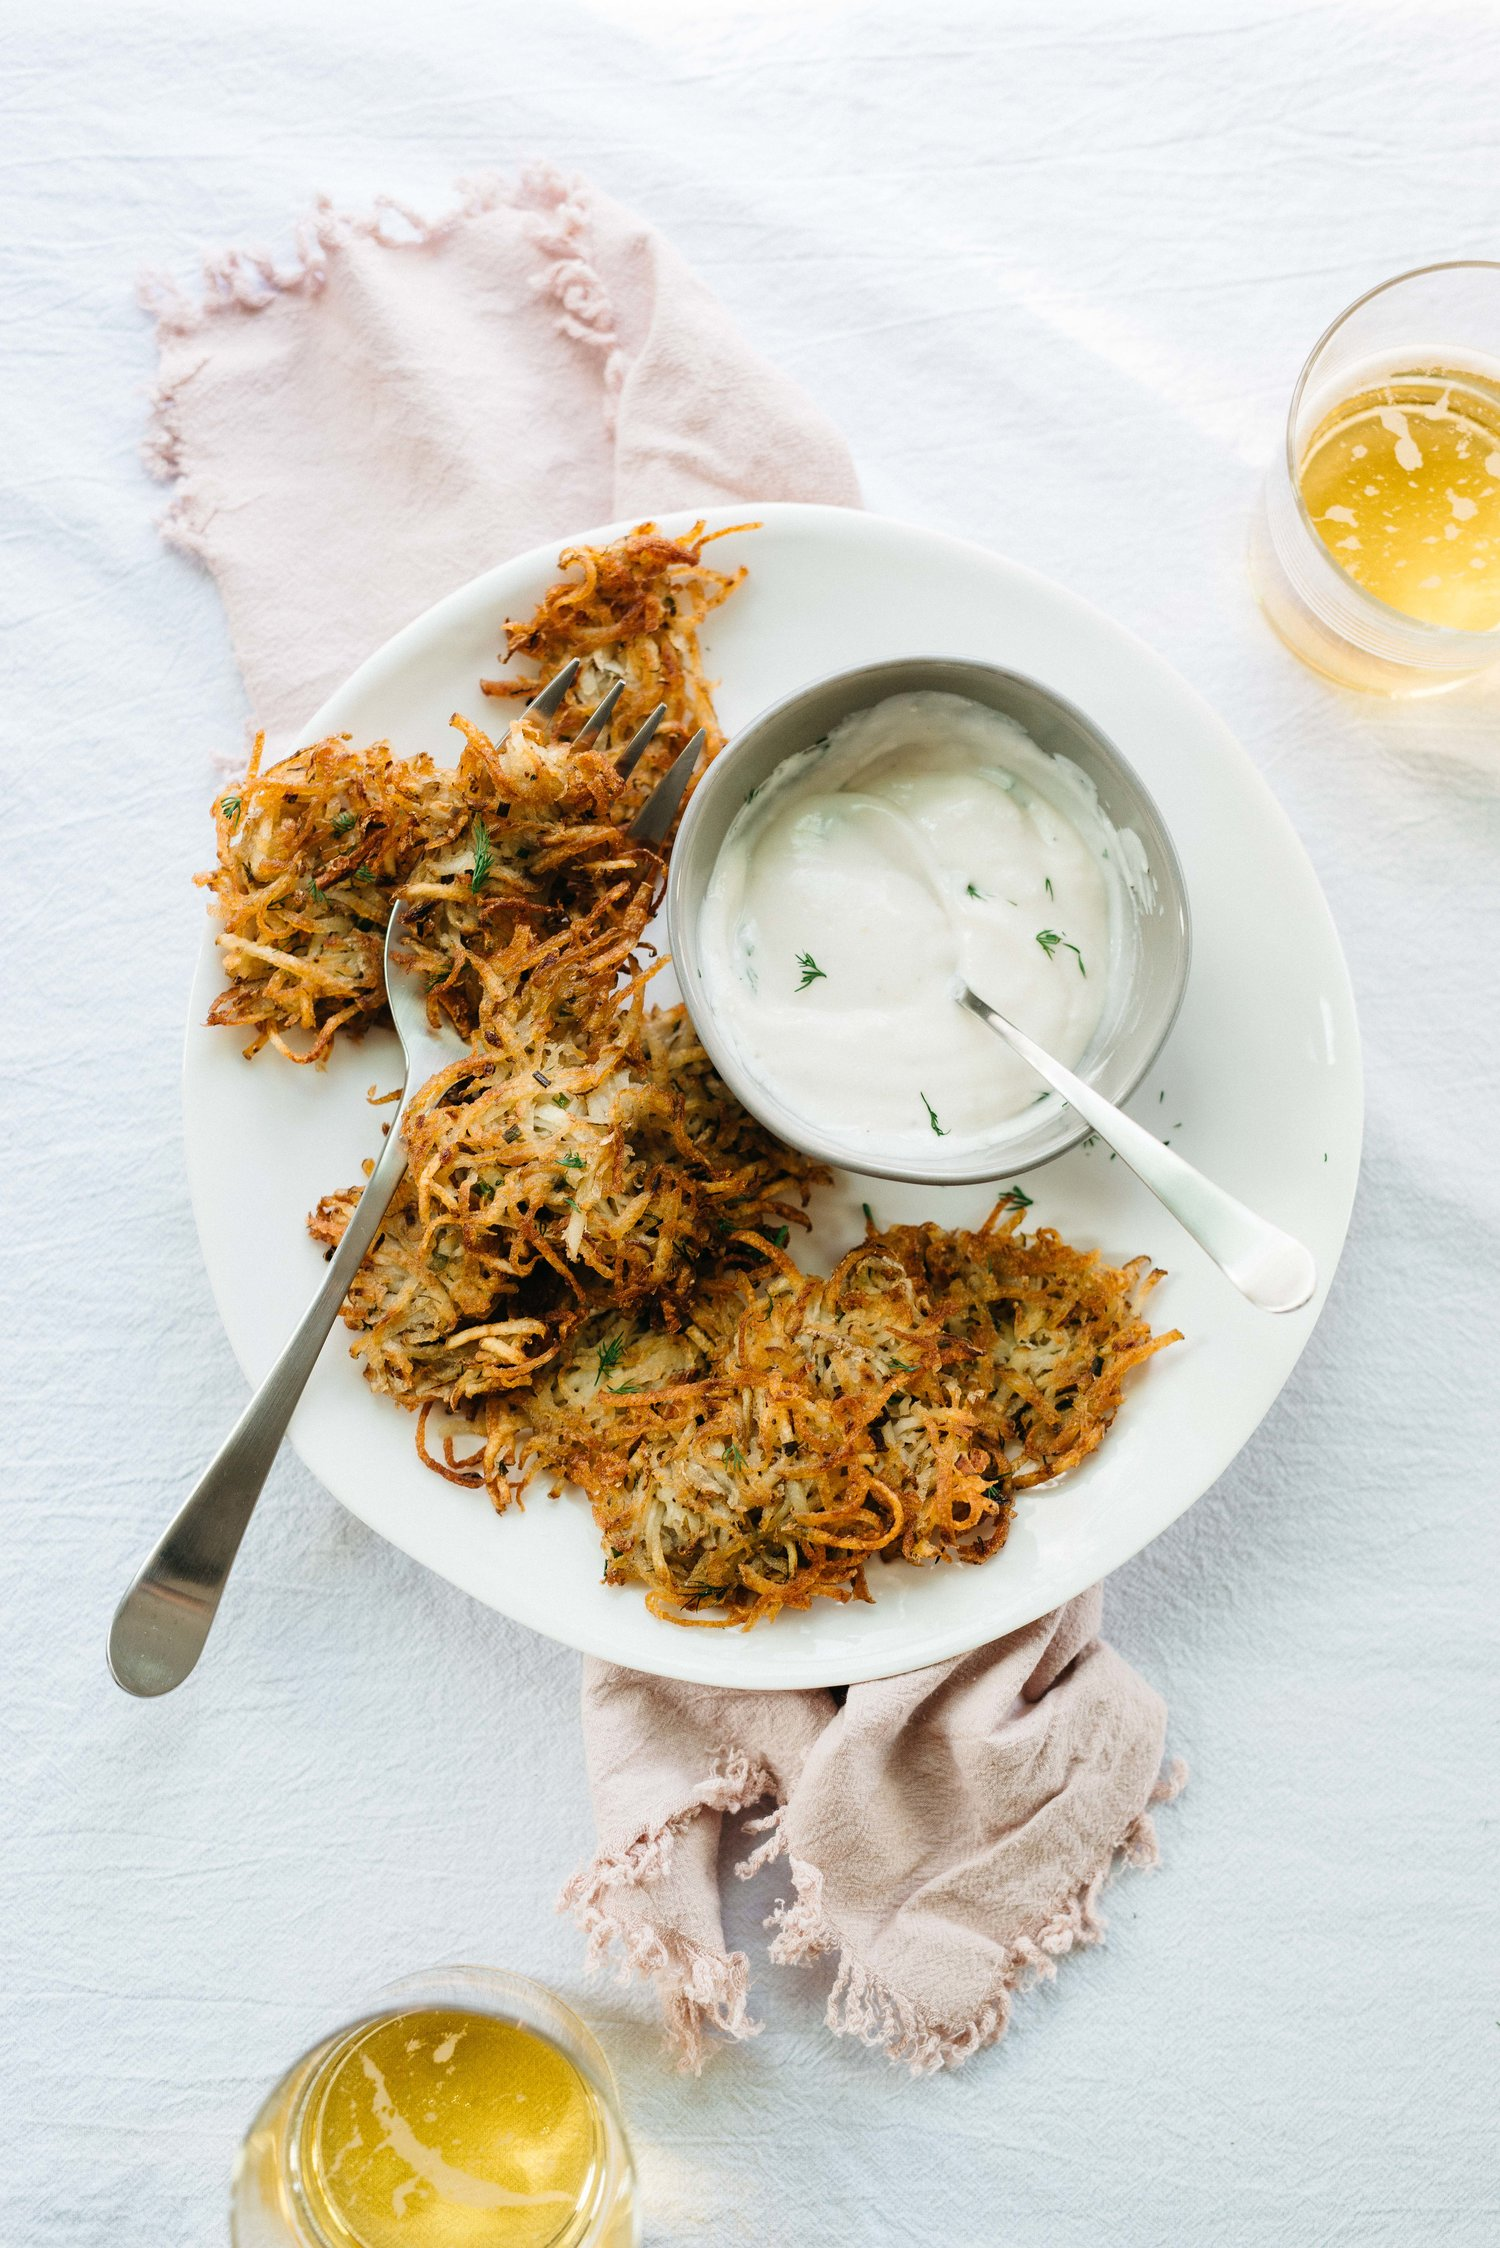 potato latkes w/ horseradish, shallots & herbs